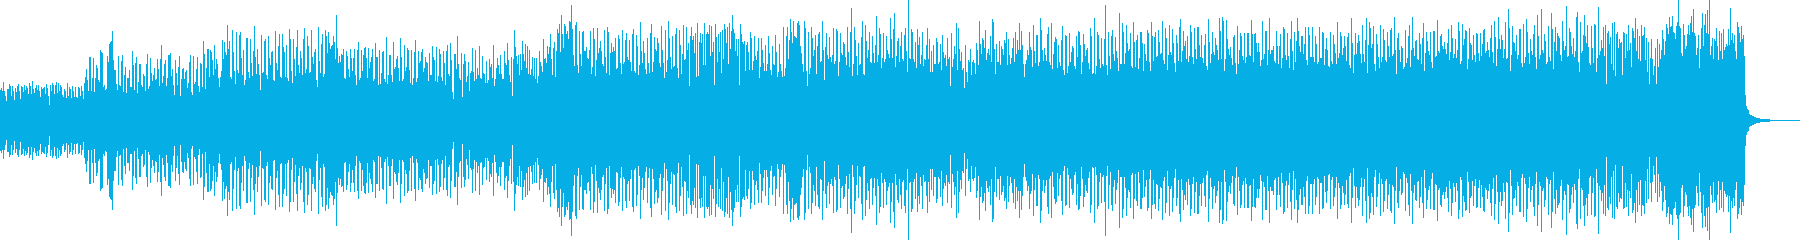 シタールとスクエアシンセが印象的なテクノの再生済みの波形